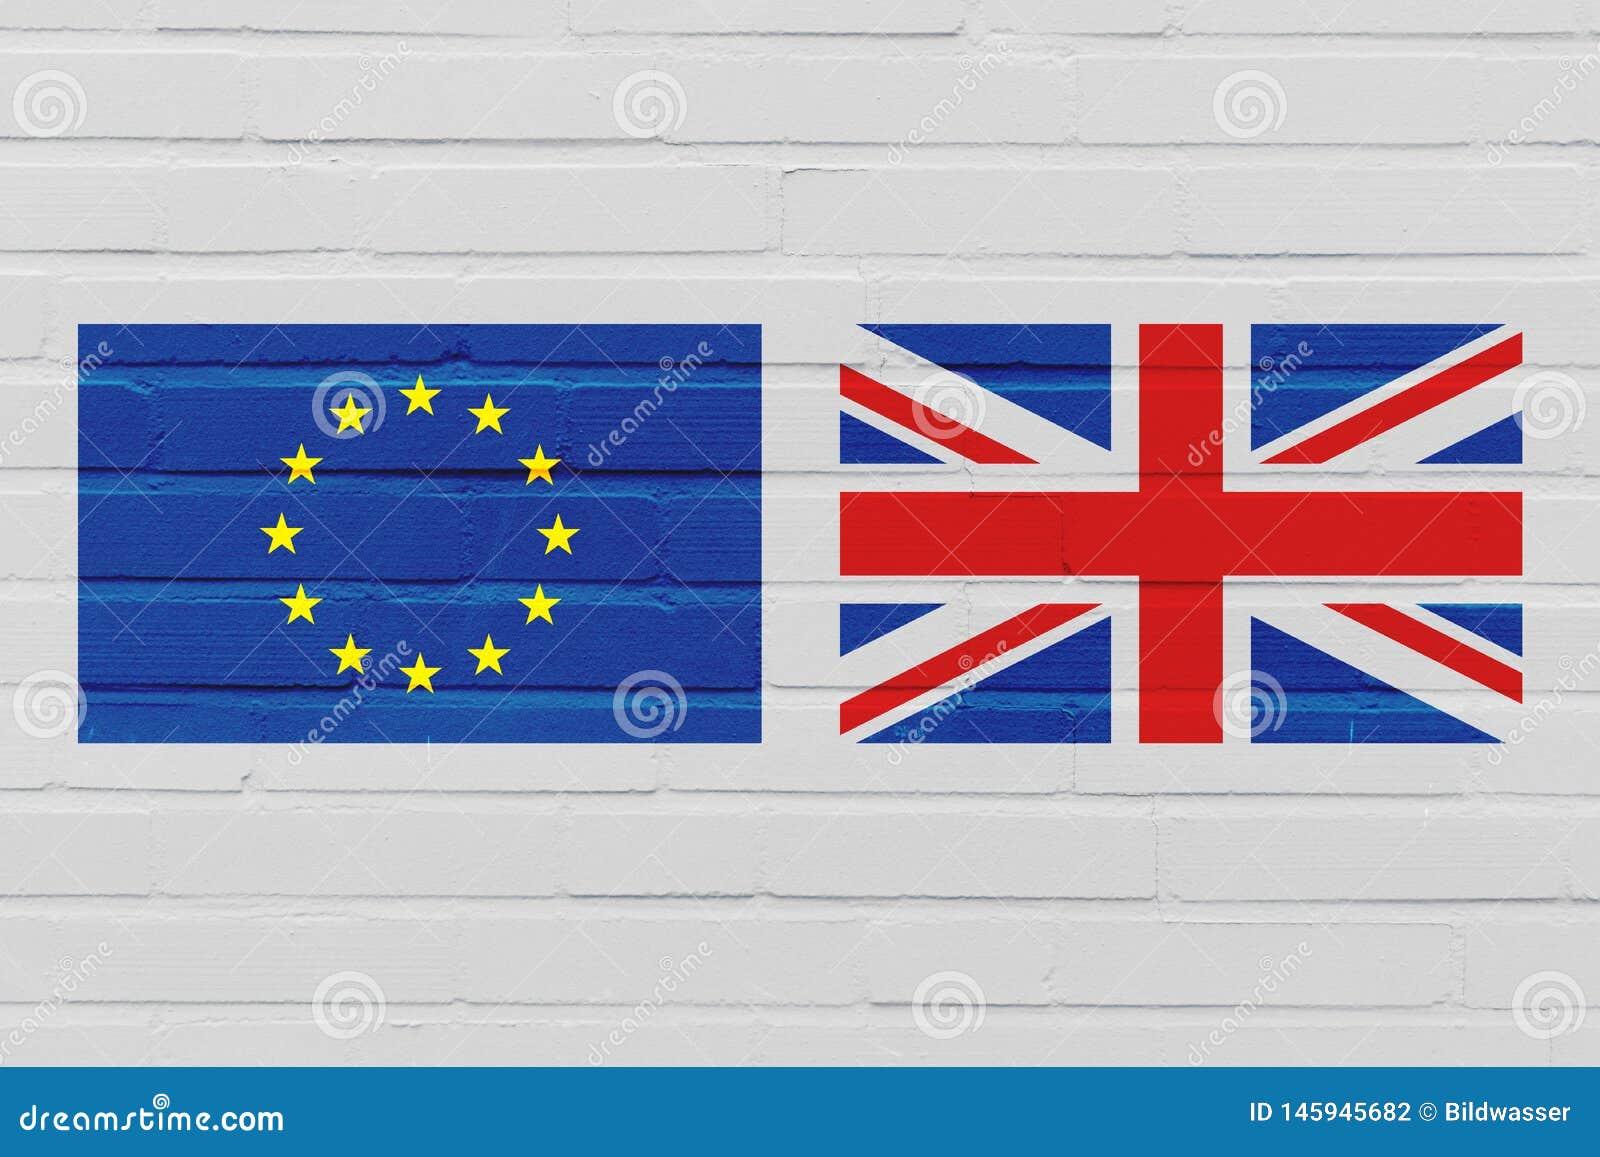 Conceito de Brexit com a bandeira da União Europeia e do Reino Unido na parede de tijolo